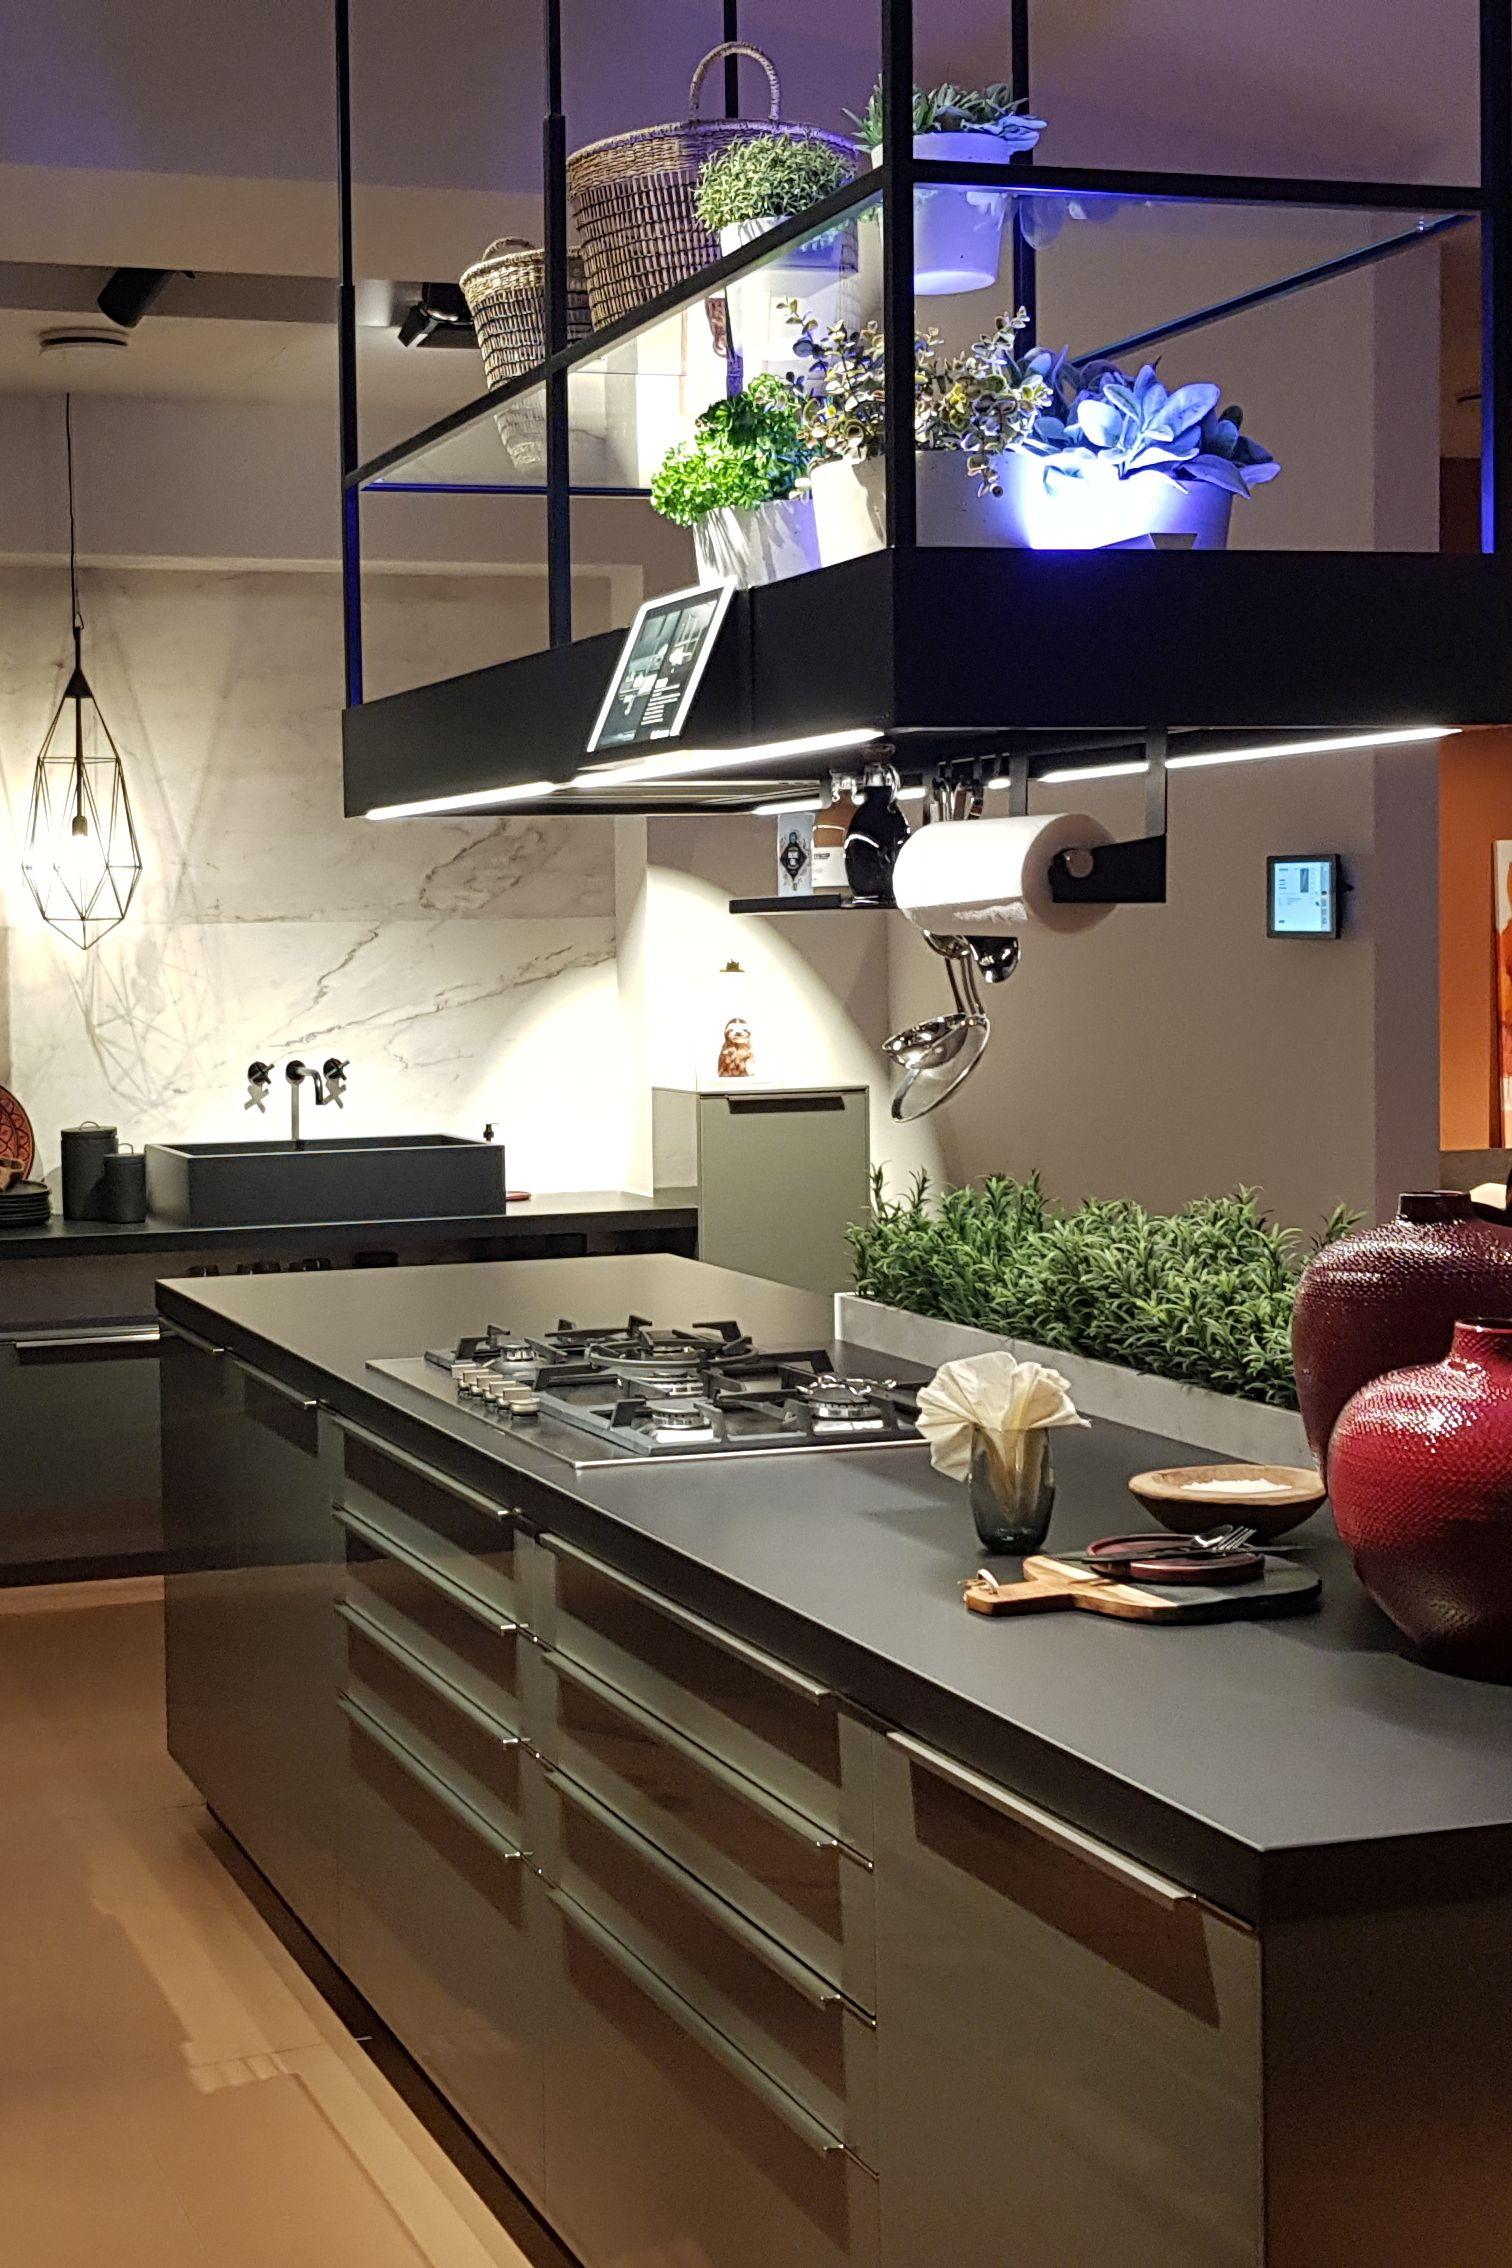 Full Size of Hängeregal Kücheninsel Pin Von Julia Lenzner Auf Kche In 2020 Kchen Design Küche Wohnzimmer Hängeregal Kücheninsel